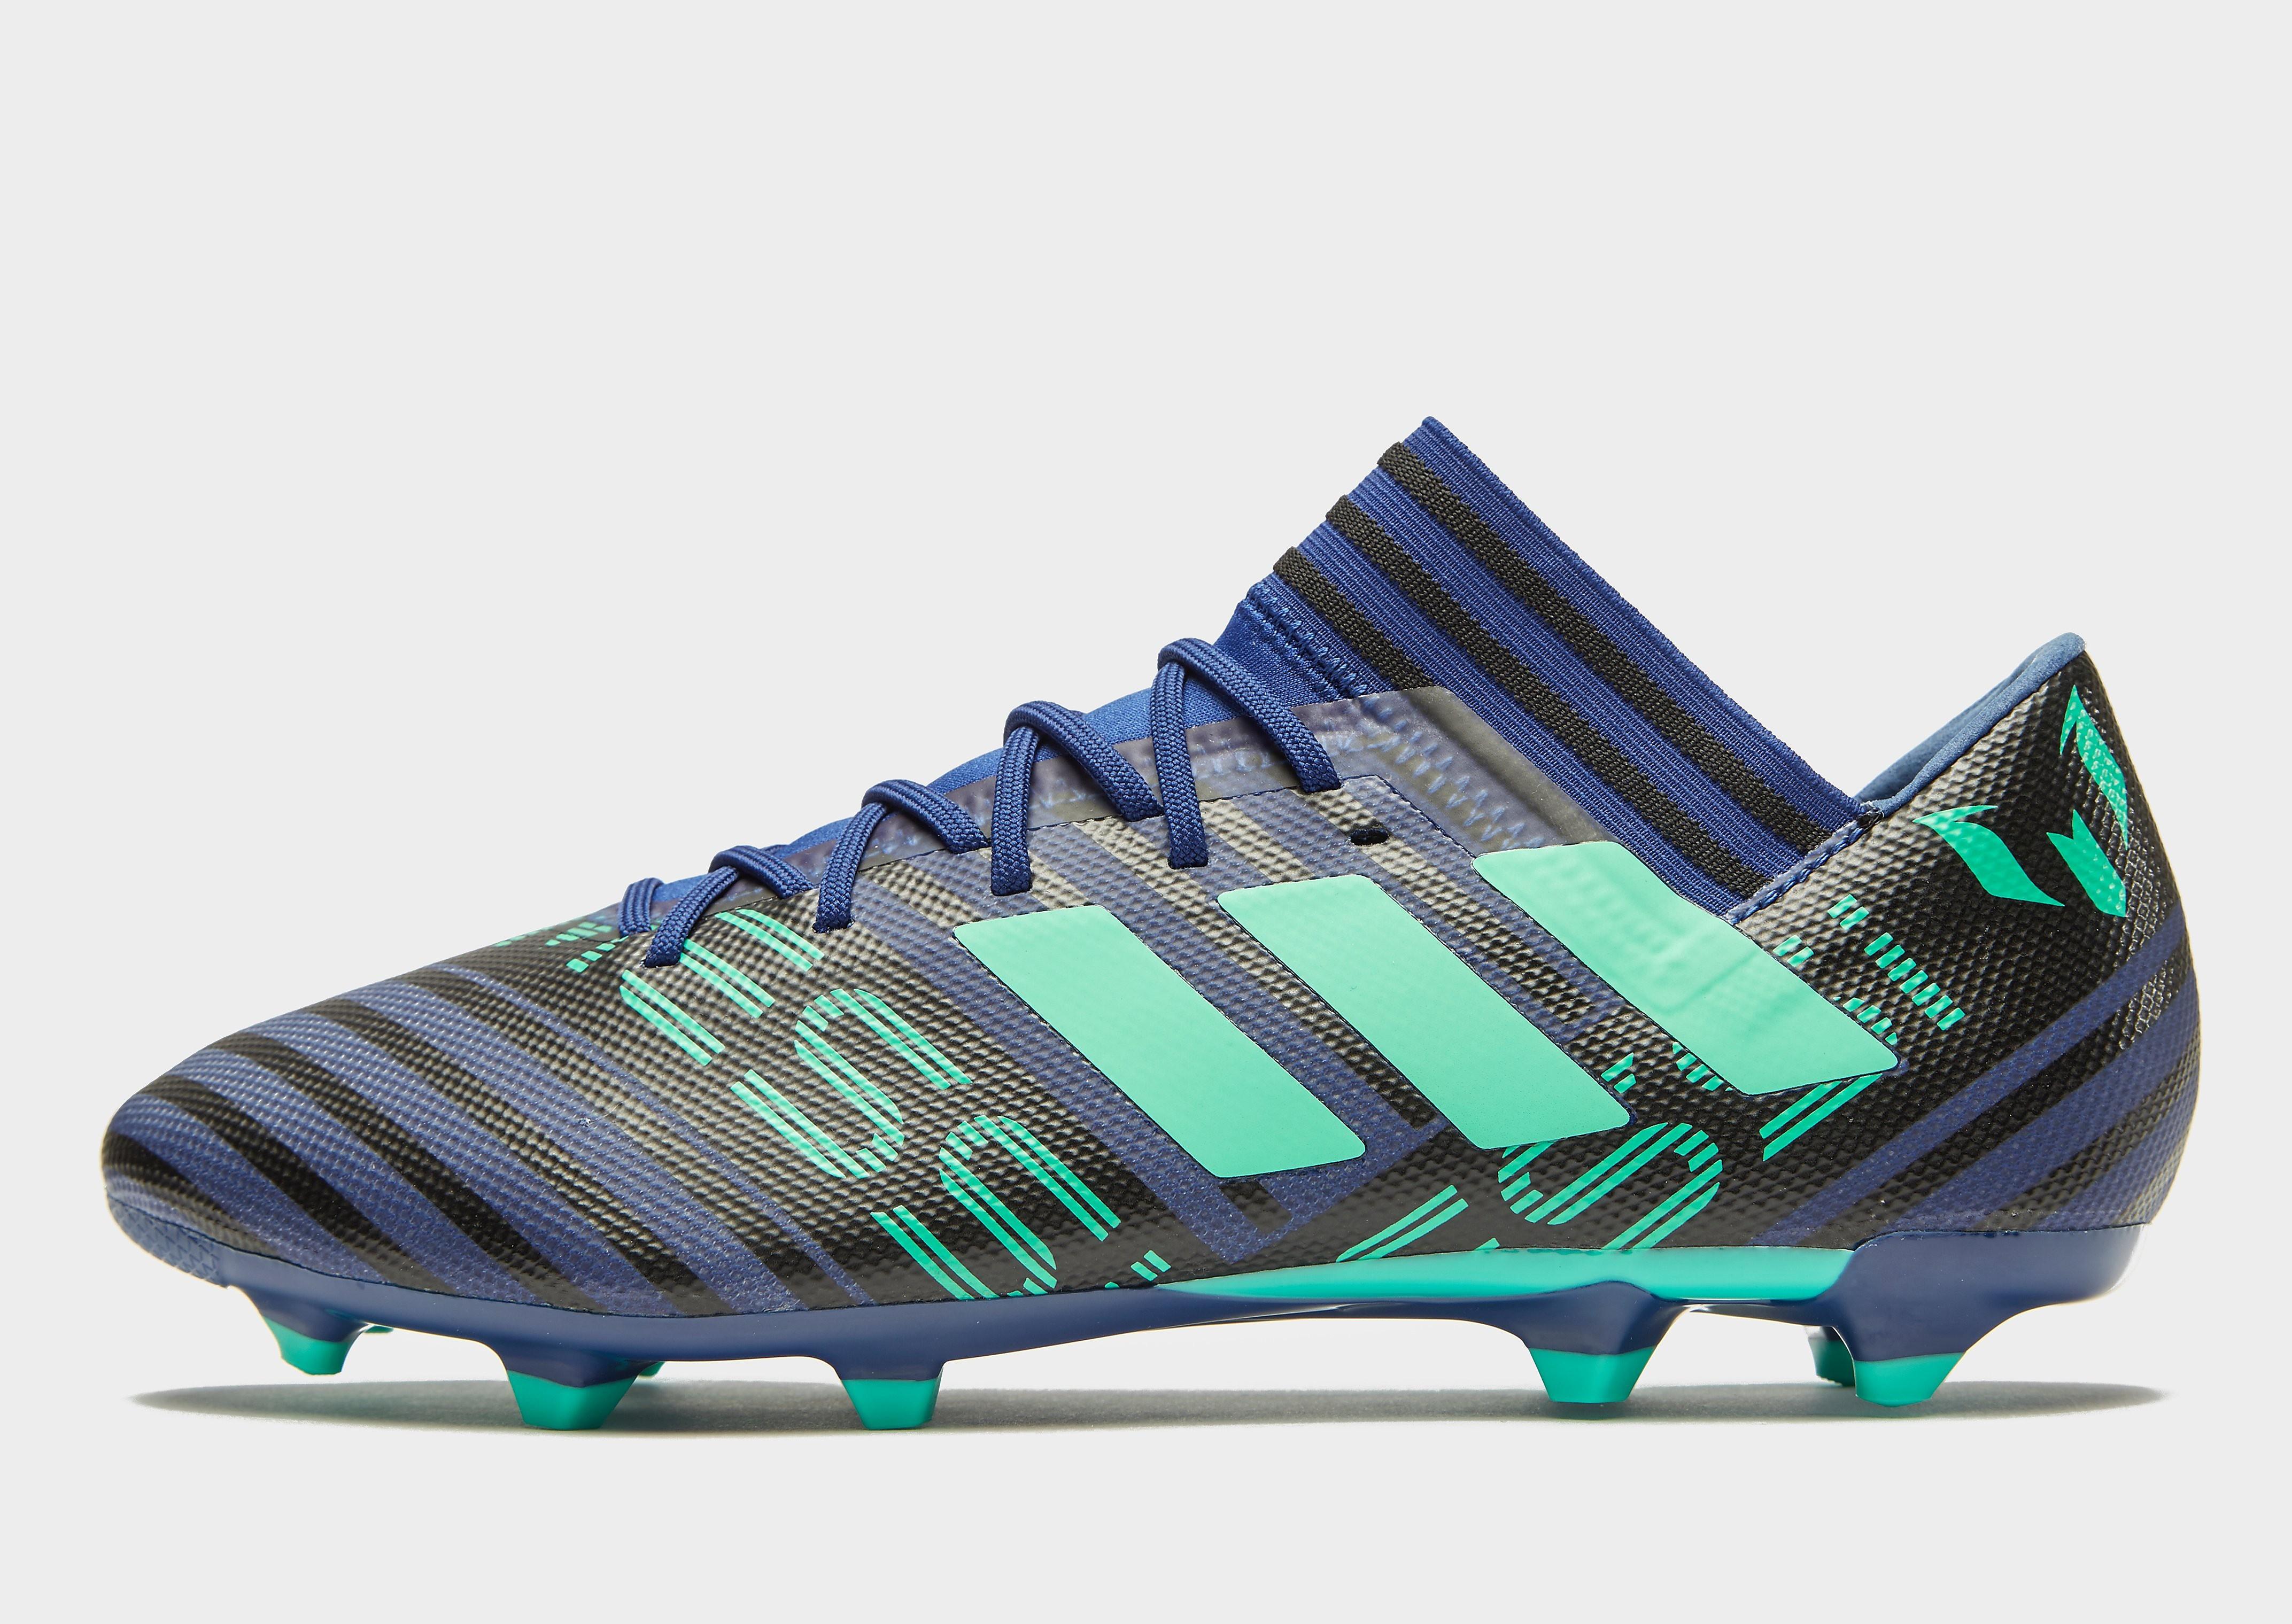 adidas Deadly Strike Nemeziz Messi 17.3 FG Homme